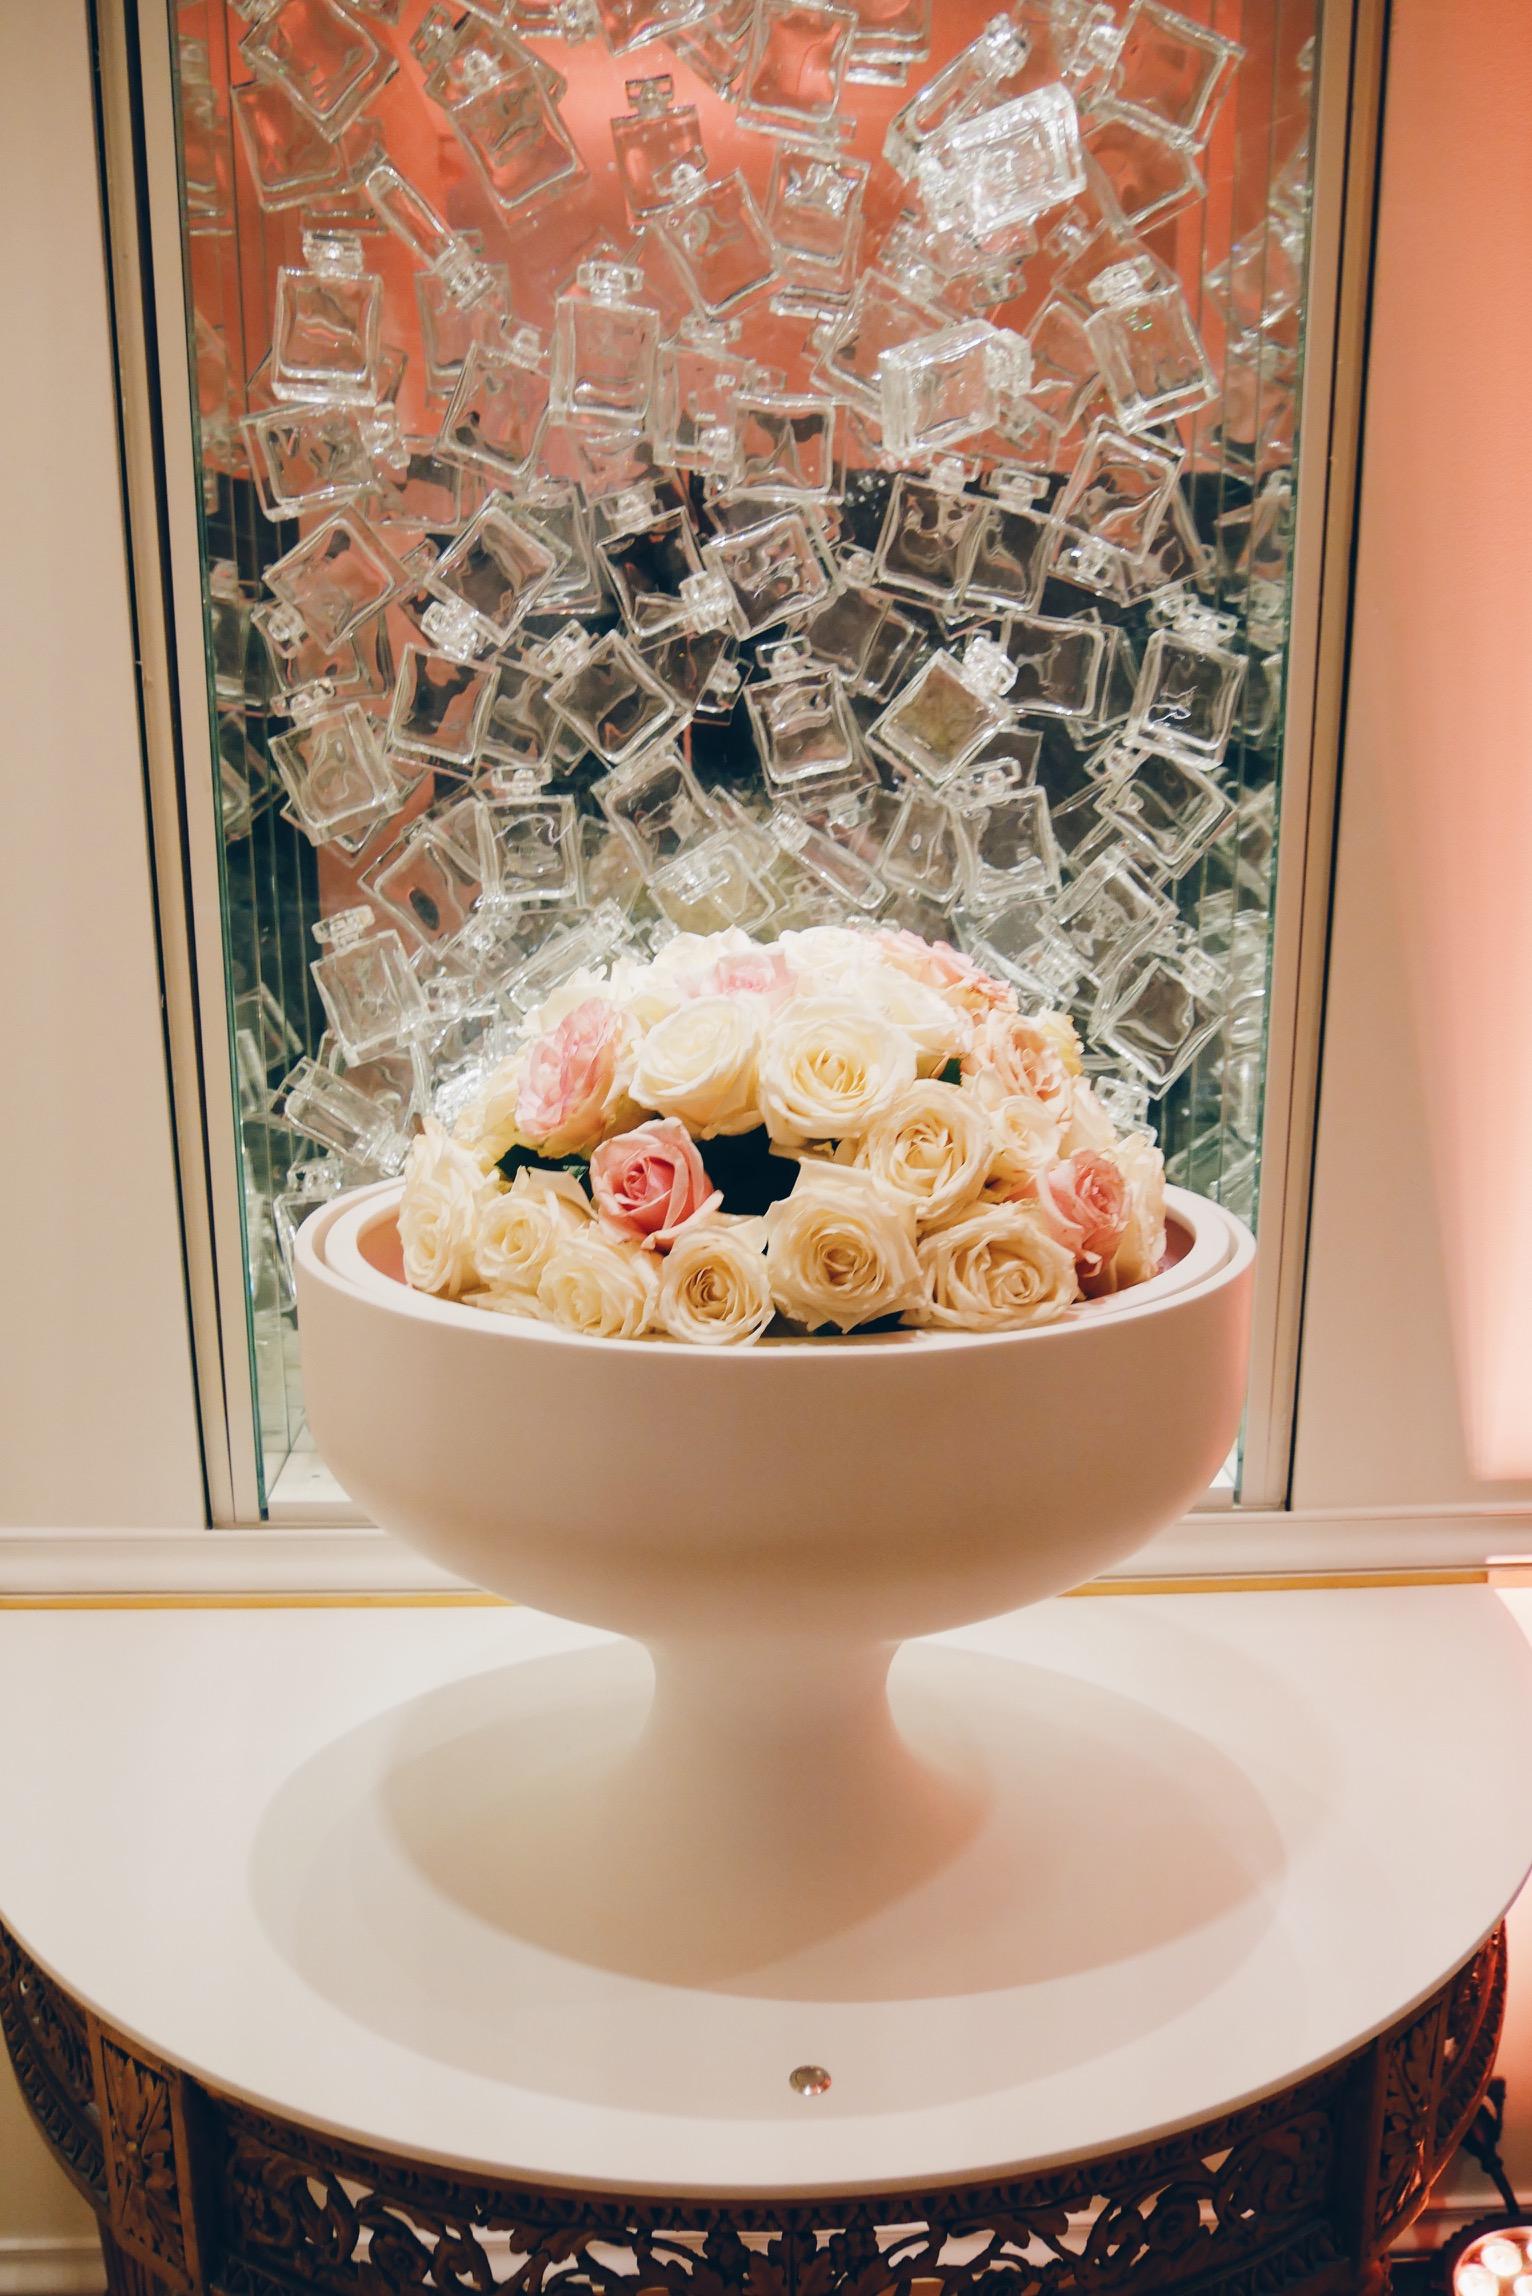 Le-Grand-Musée-du-Parfum-Paris-bouquet-de-roses-immersion-sensorielle-photo-usofparis-blog